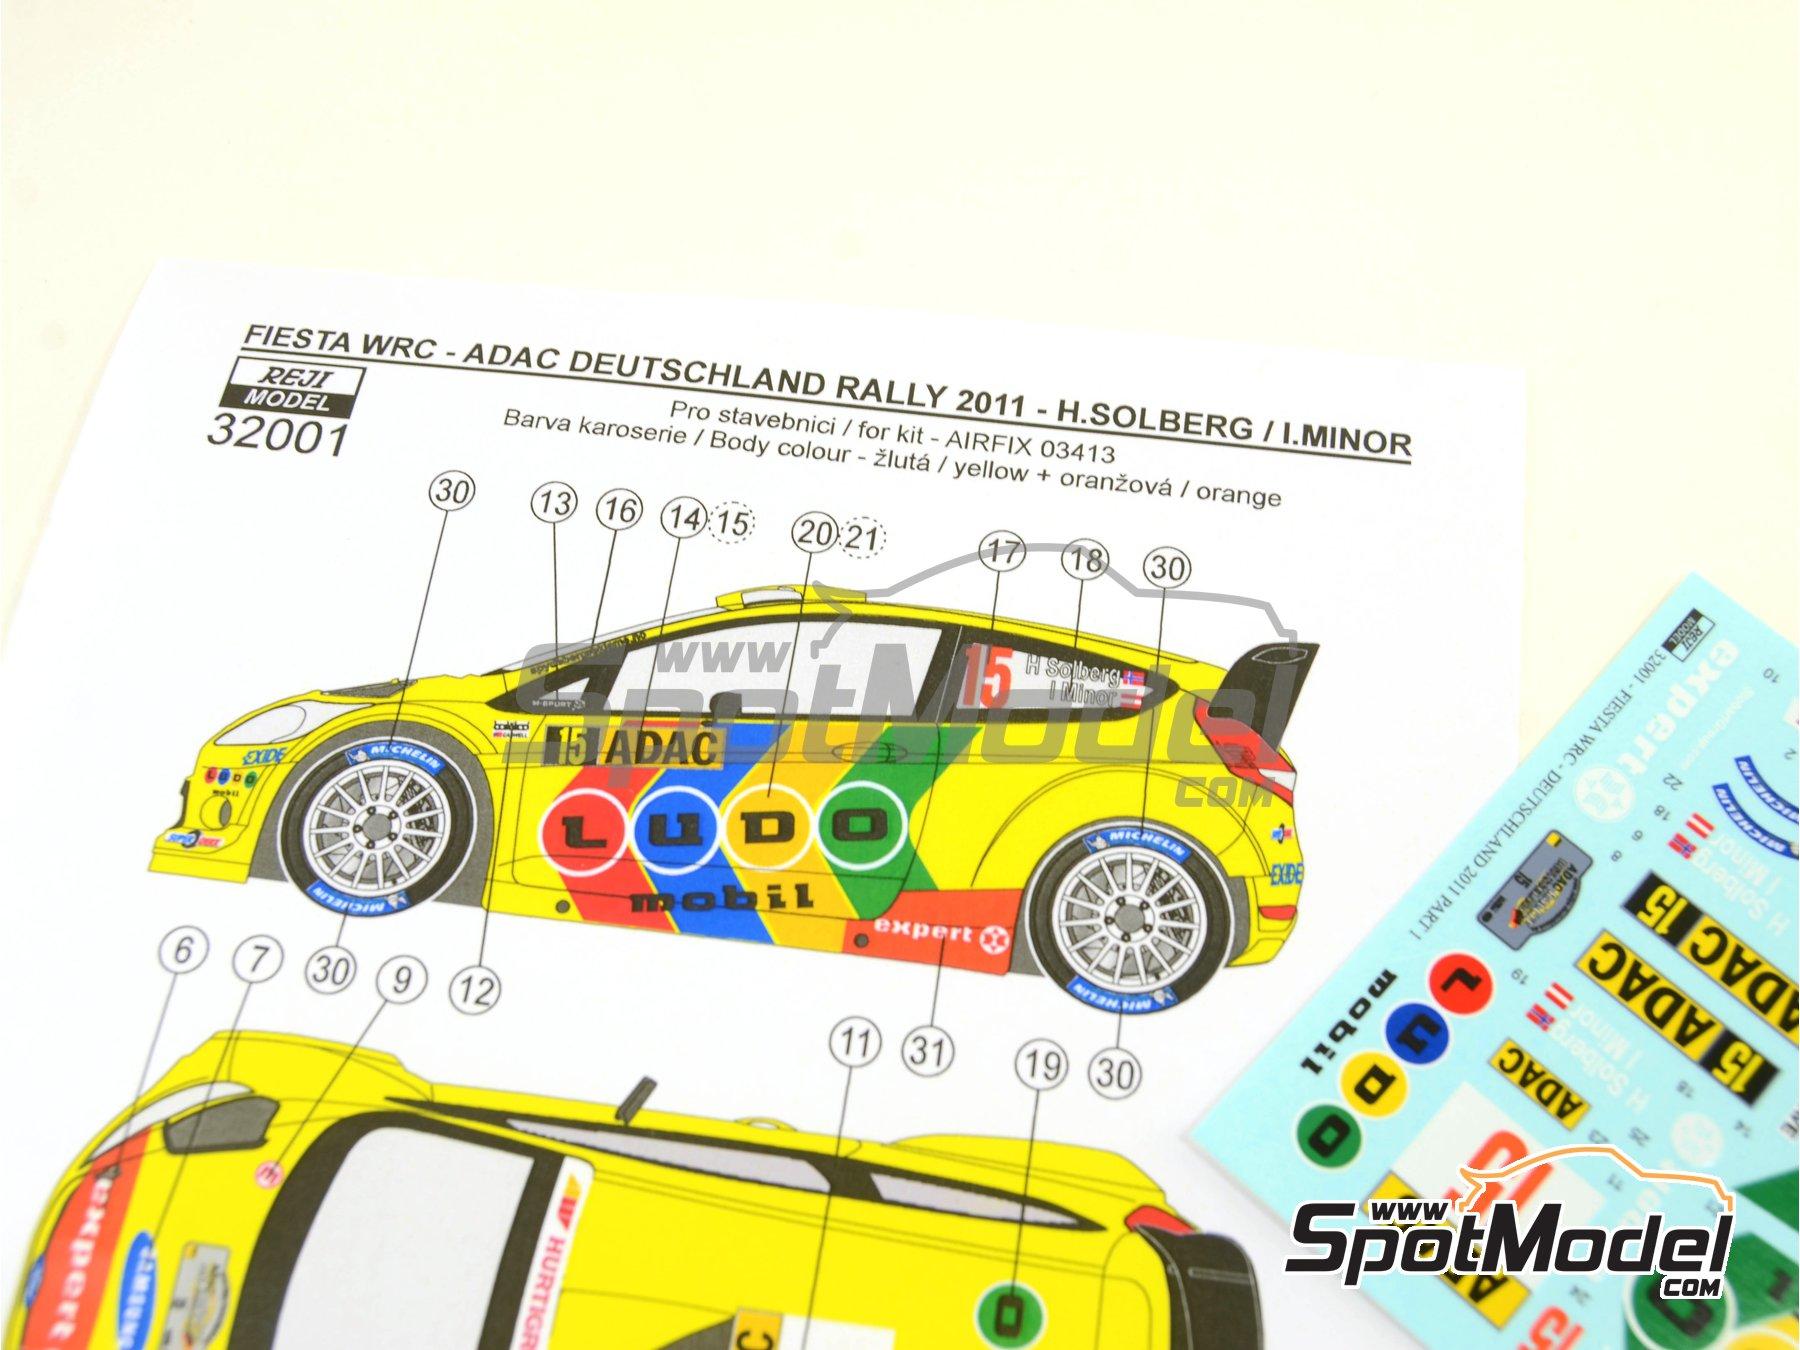 Image 1: Ford Fiesta WRC Ludo Mobil - Rally de Alemania ADAC 2011 | Decoración en escala1/32 fabricado por Reji Model (ref.REJI-32001)